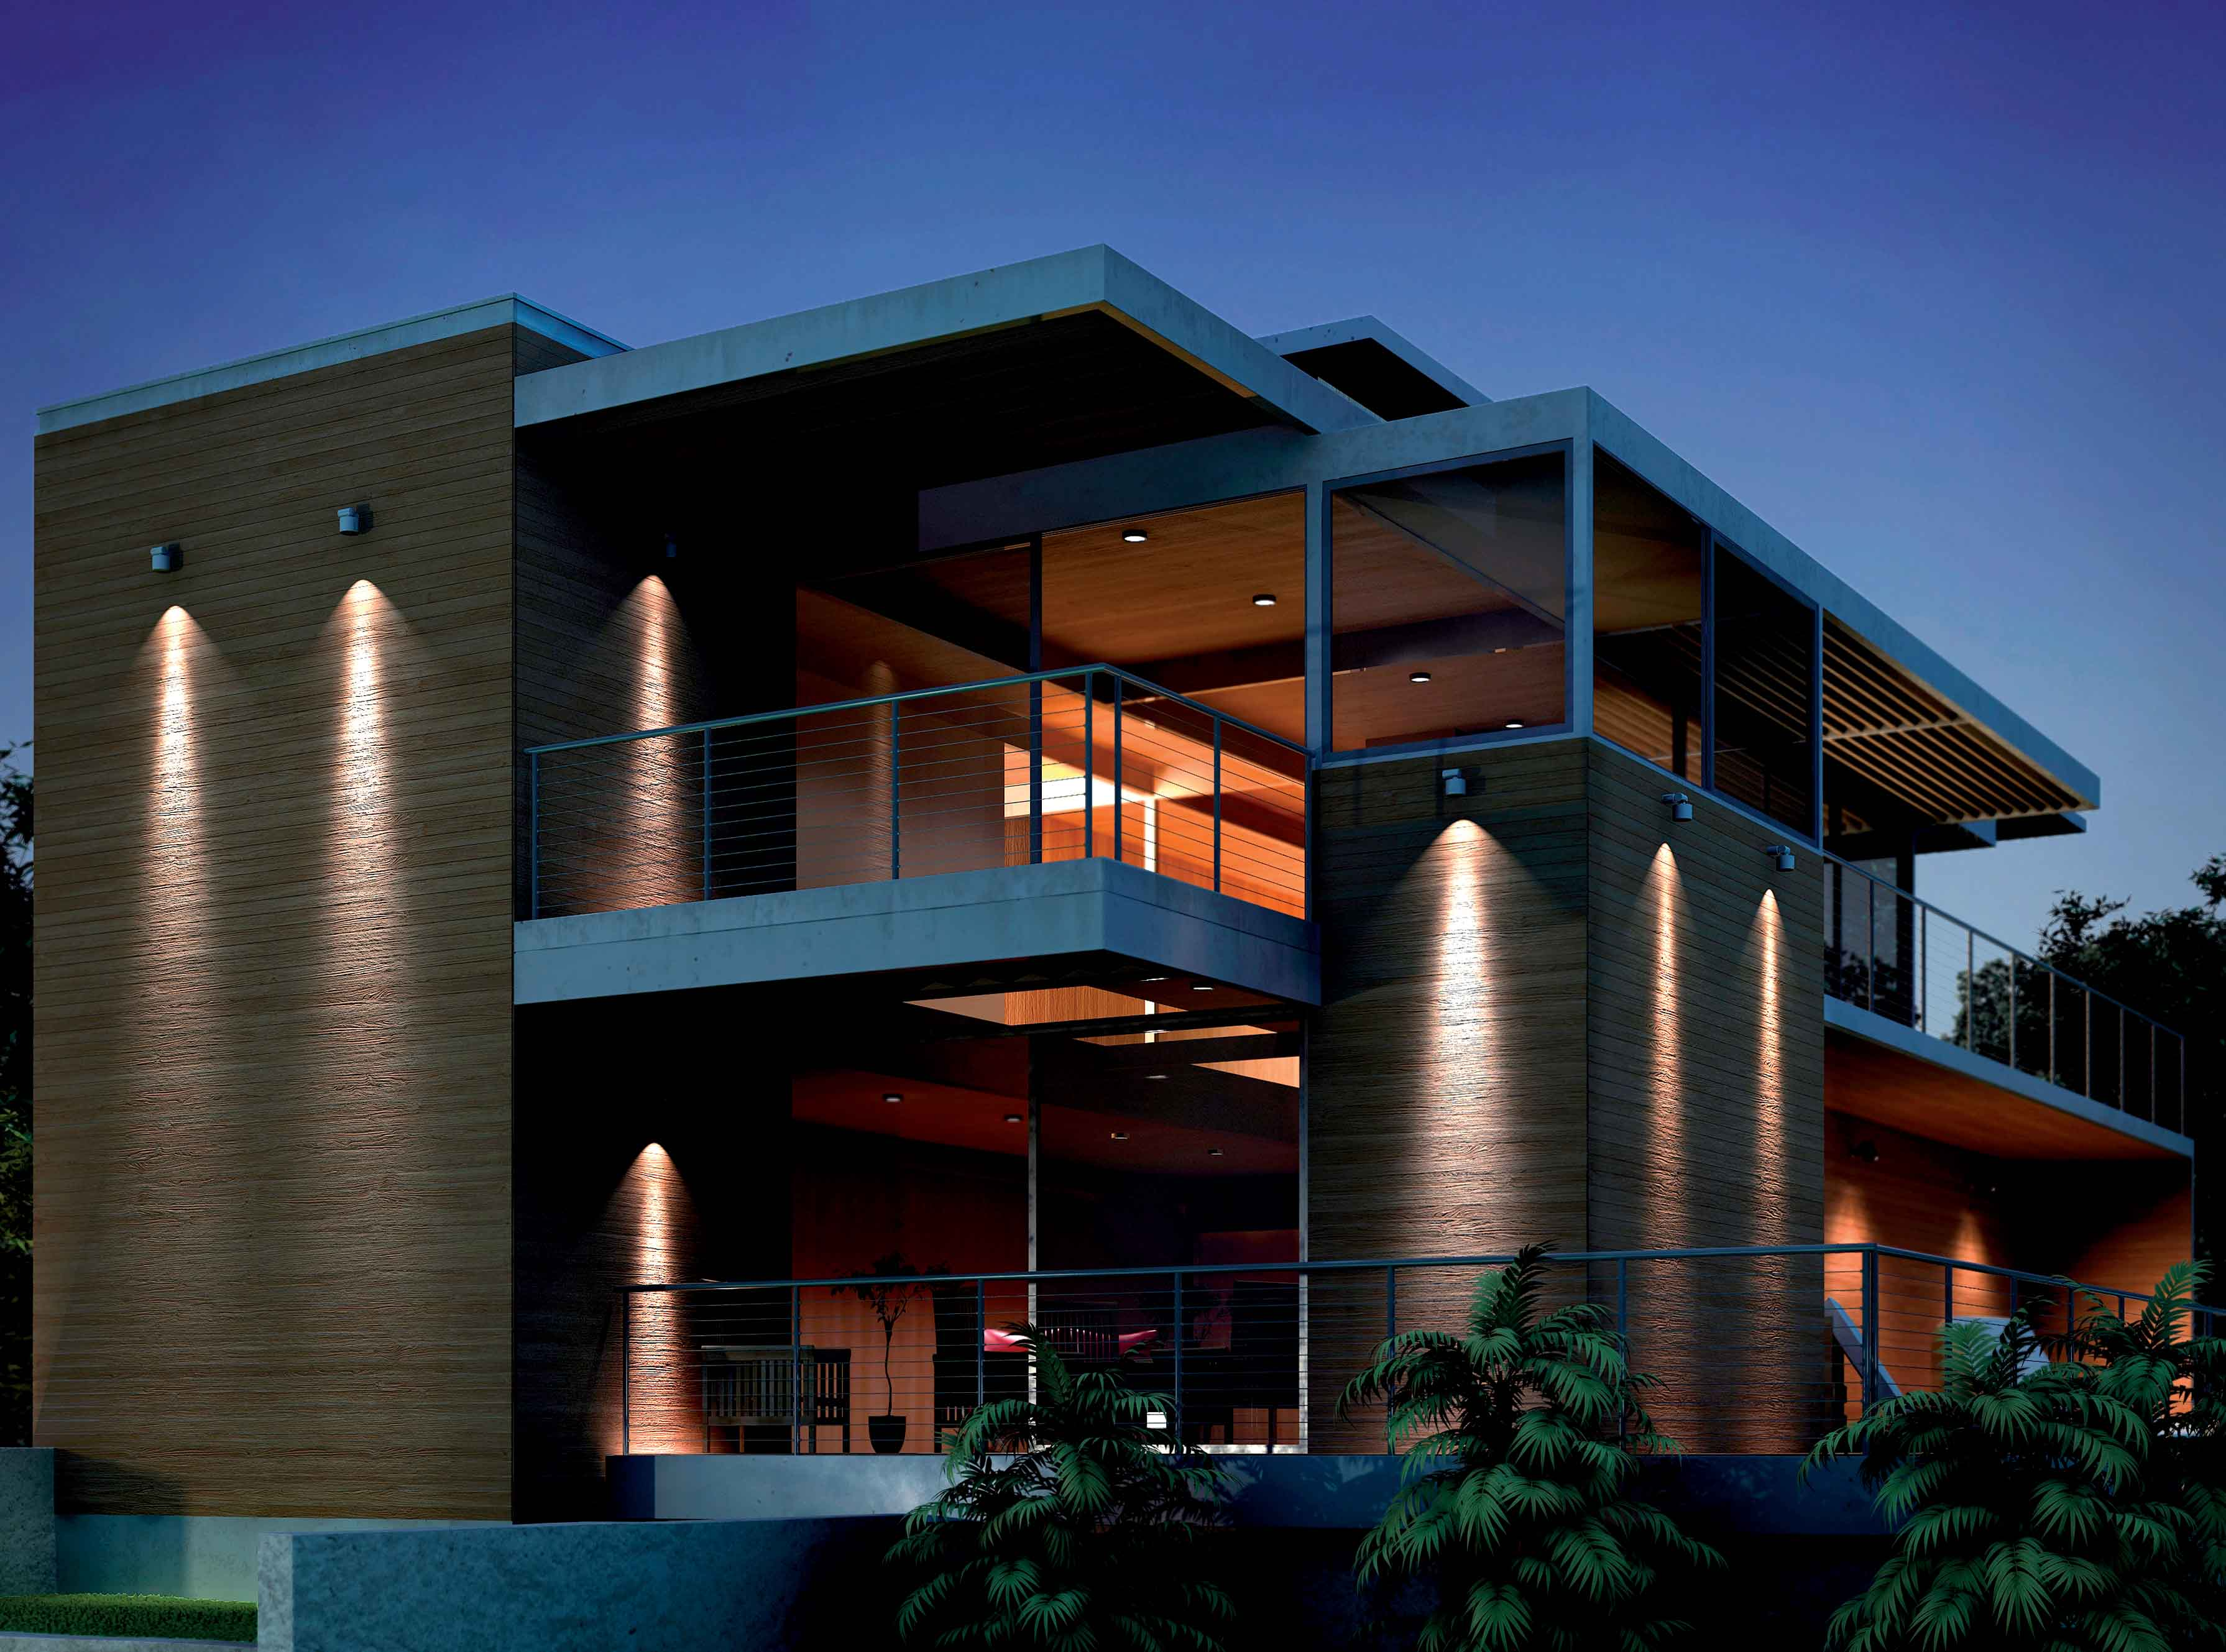 Domino led di bpt group la luce si proietta nel futuro - Illuminazione esterna casa ...